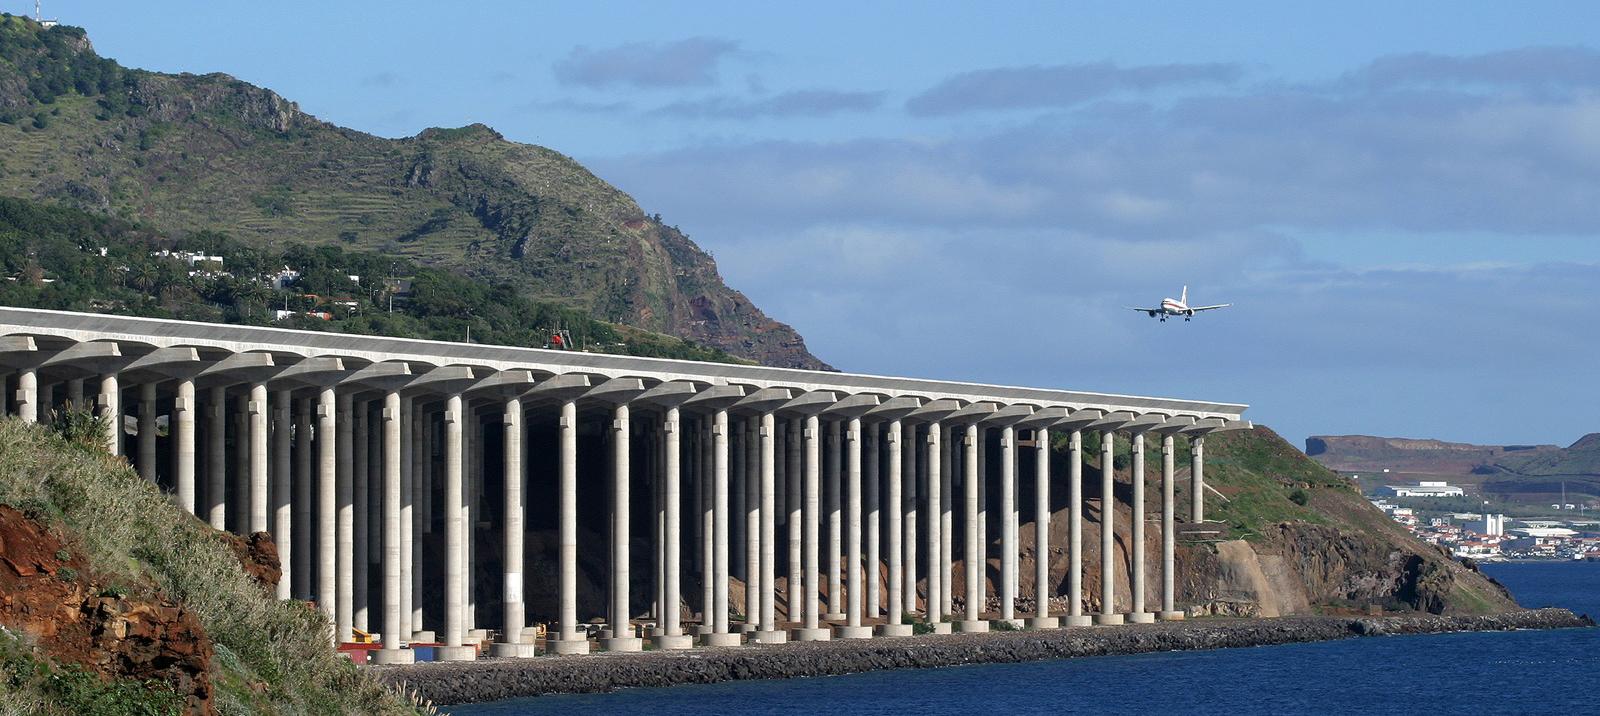 wall_2_Funchal-Madeira